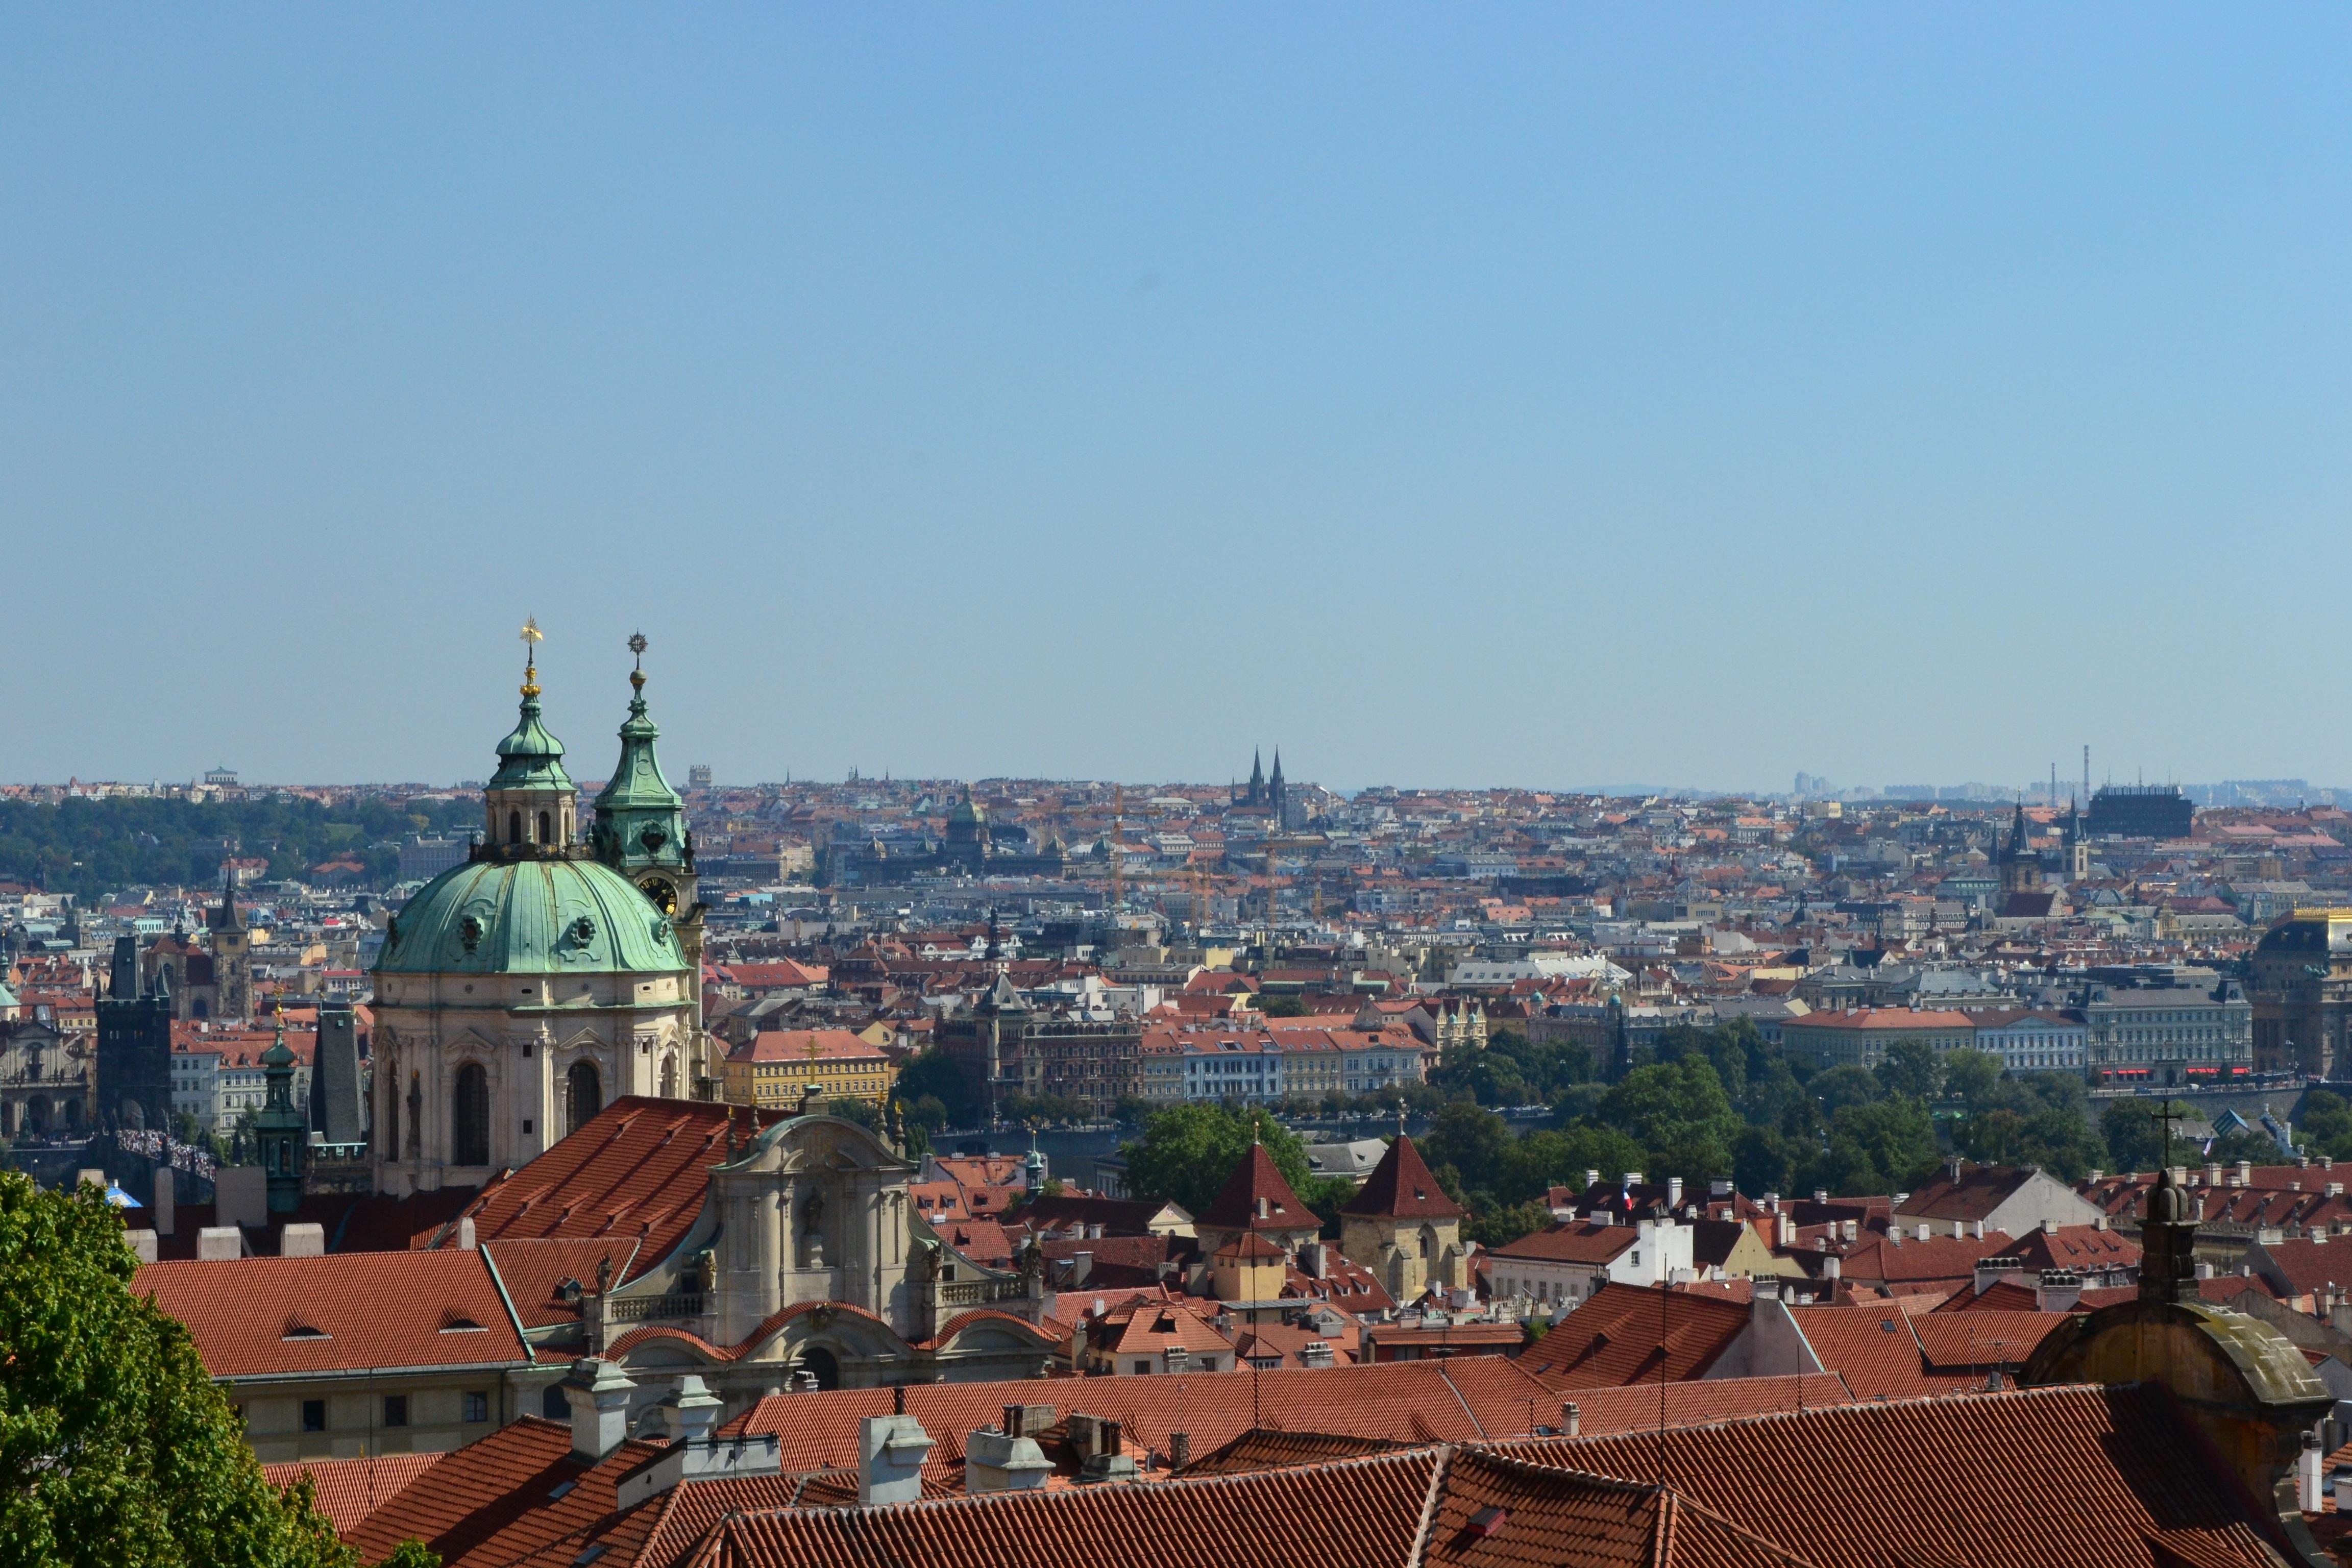 Gruppenreise Prag Flug Und Hotel